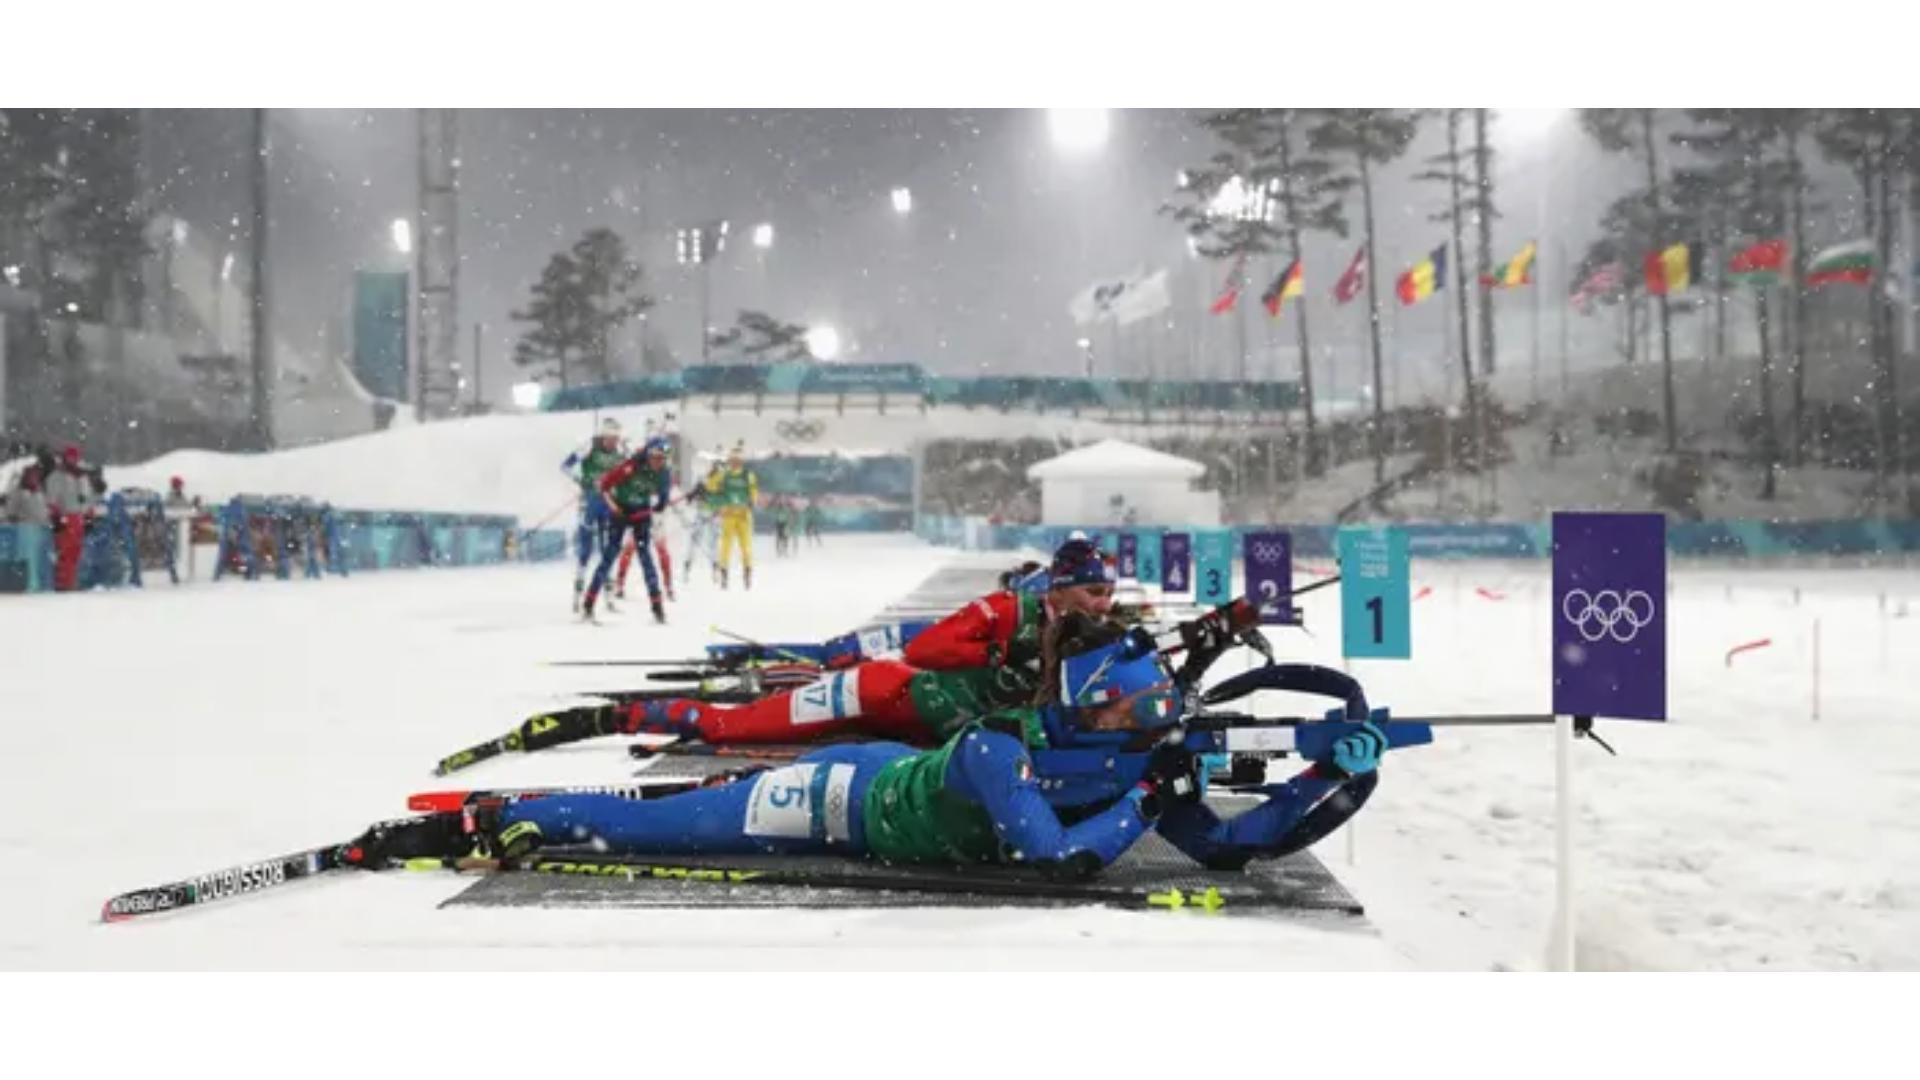 Kış sporları arasında yer alan biathlon branşına ait bir görsel.